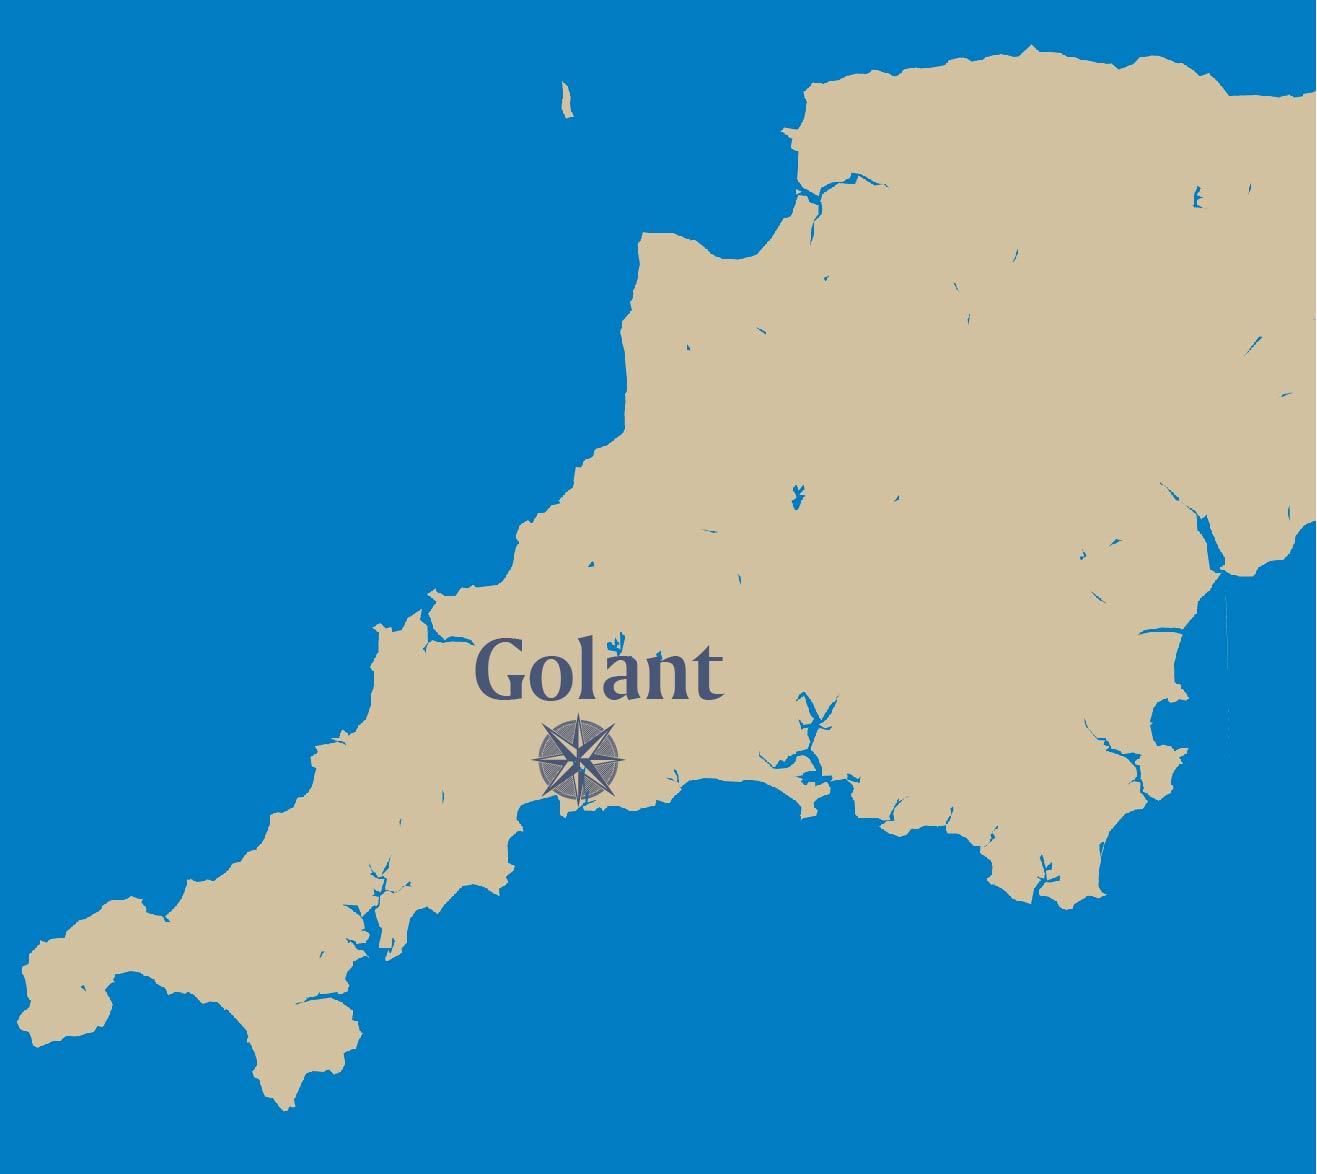 golant-map